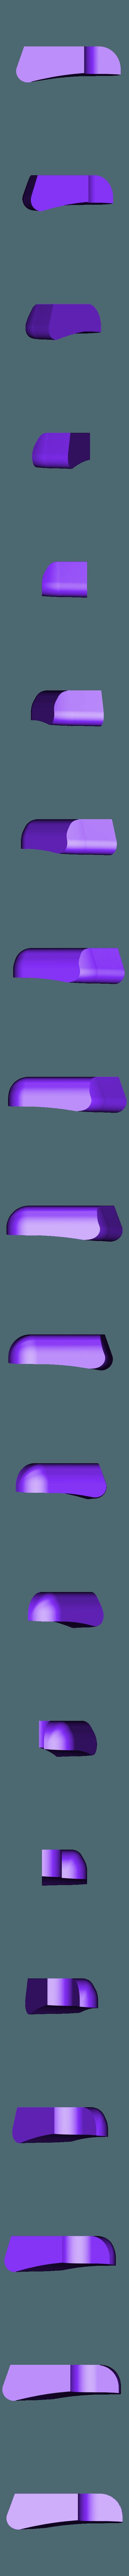 Bouchon.STL Télécharger fichier STL gratuit Poignée pour pompe (Push up bar) • Modèle pour impression 3D, Mathieu_BZH